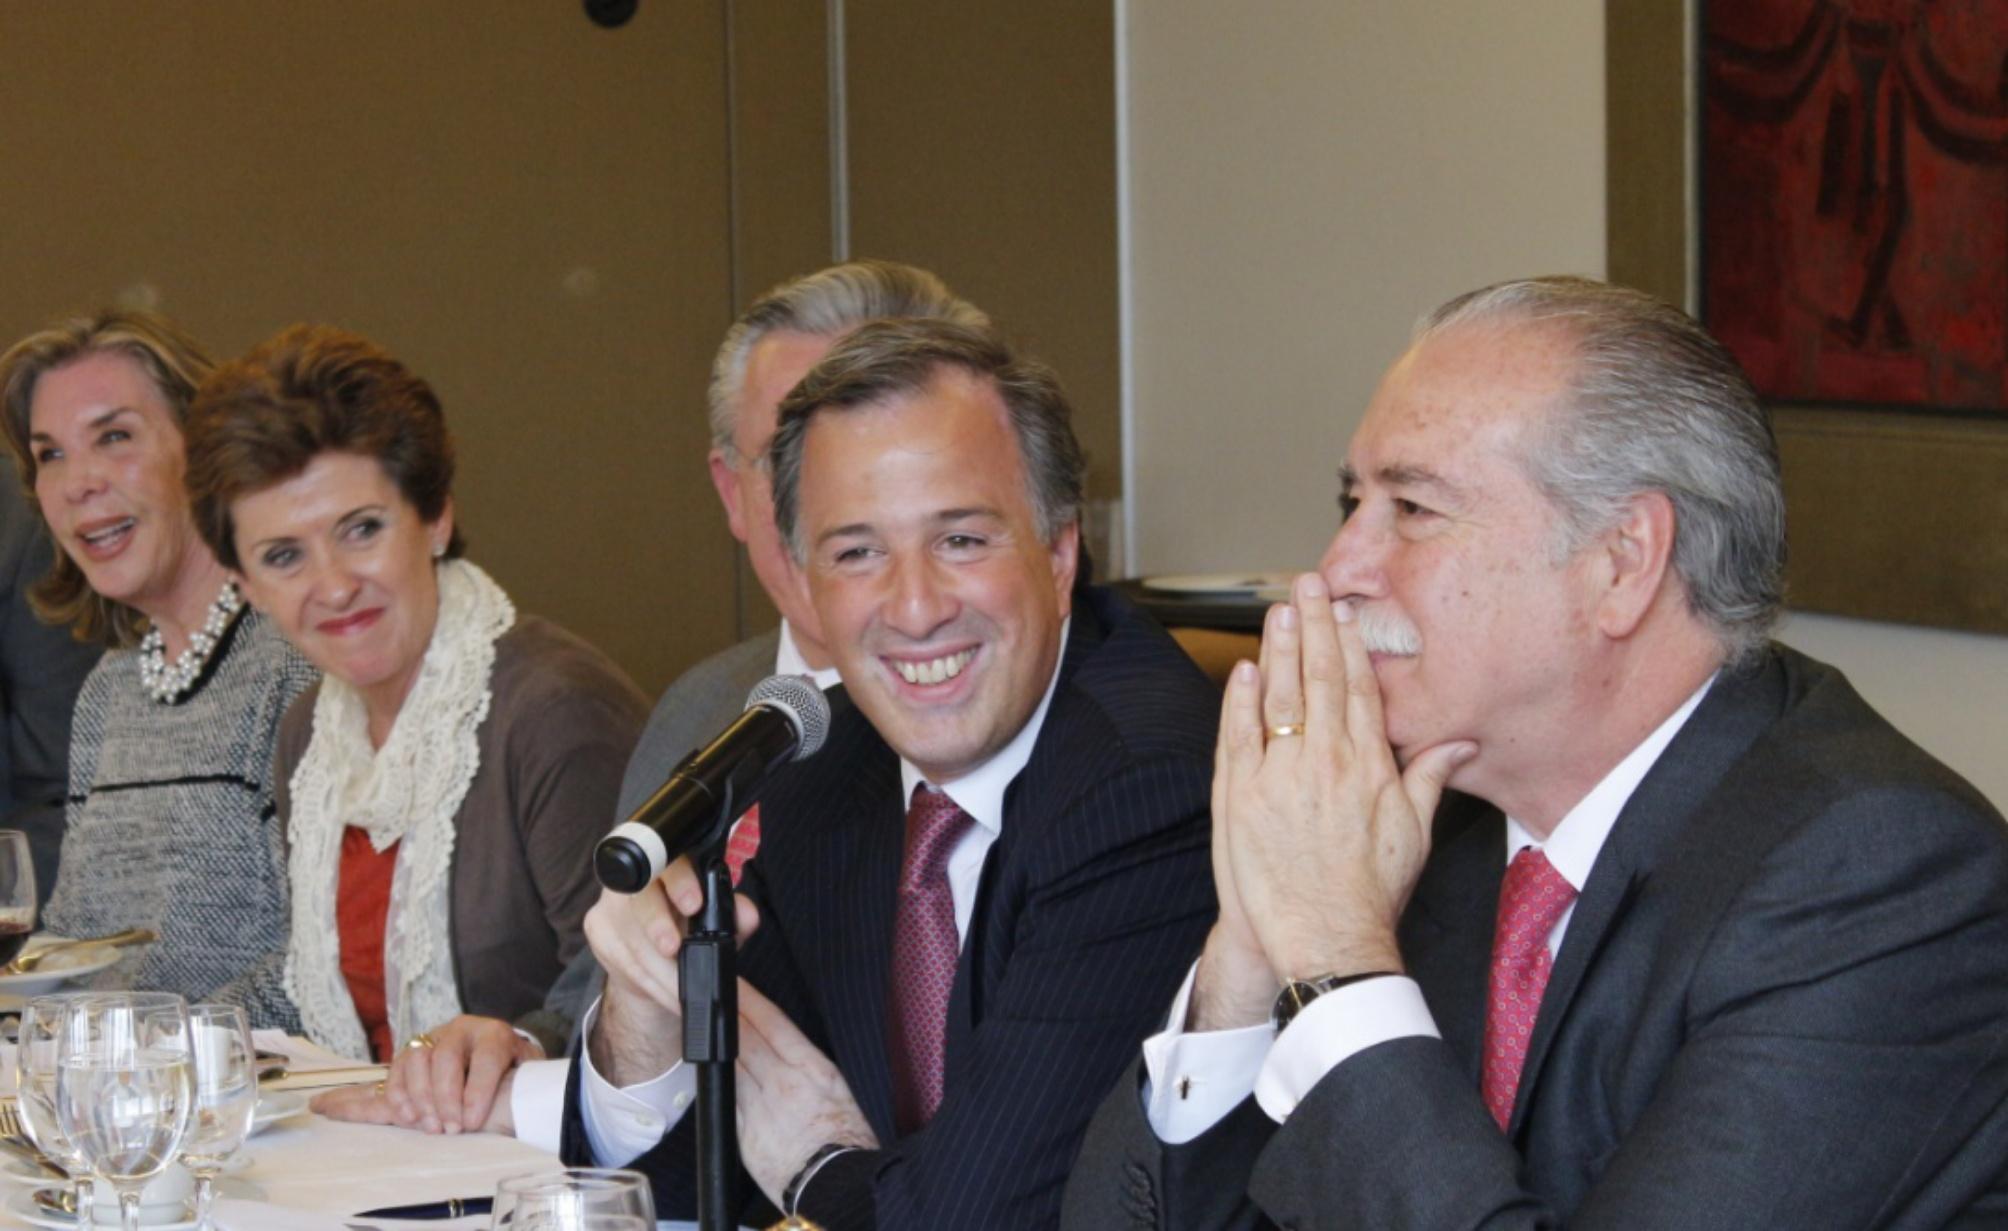 FOTO 2  Secretario Meade en reuni n con el Consejo Directivo del Centro Mexicano para la Filantrop a  Cemefi jpg